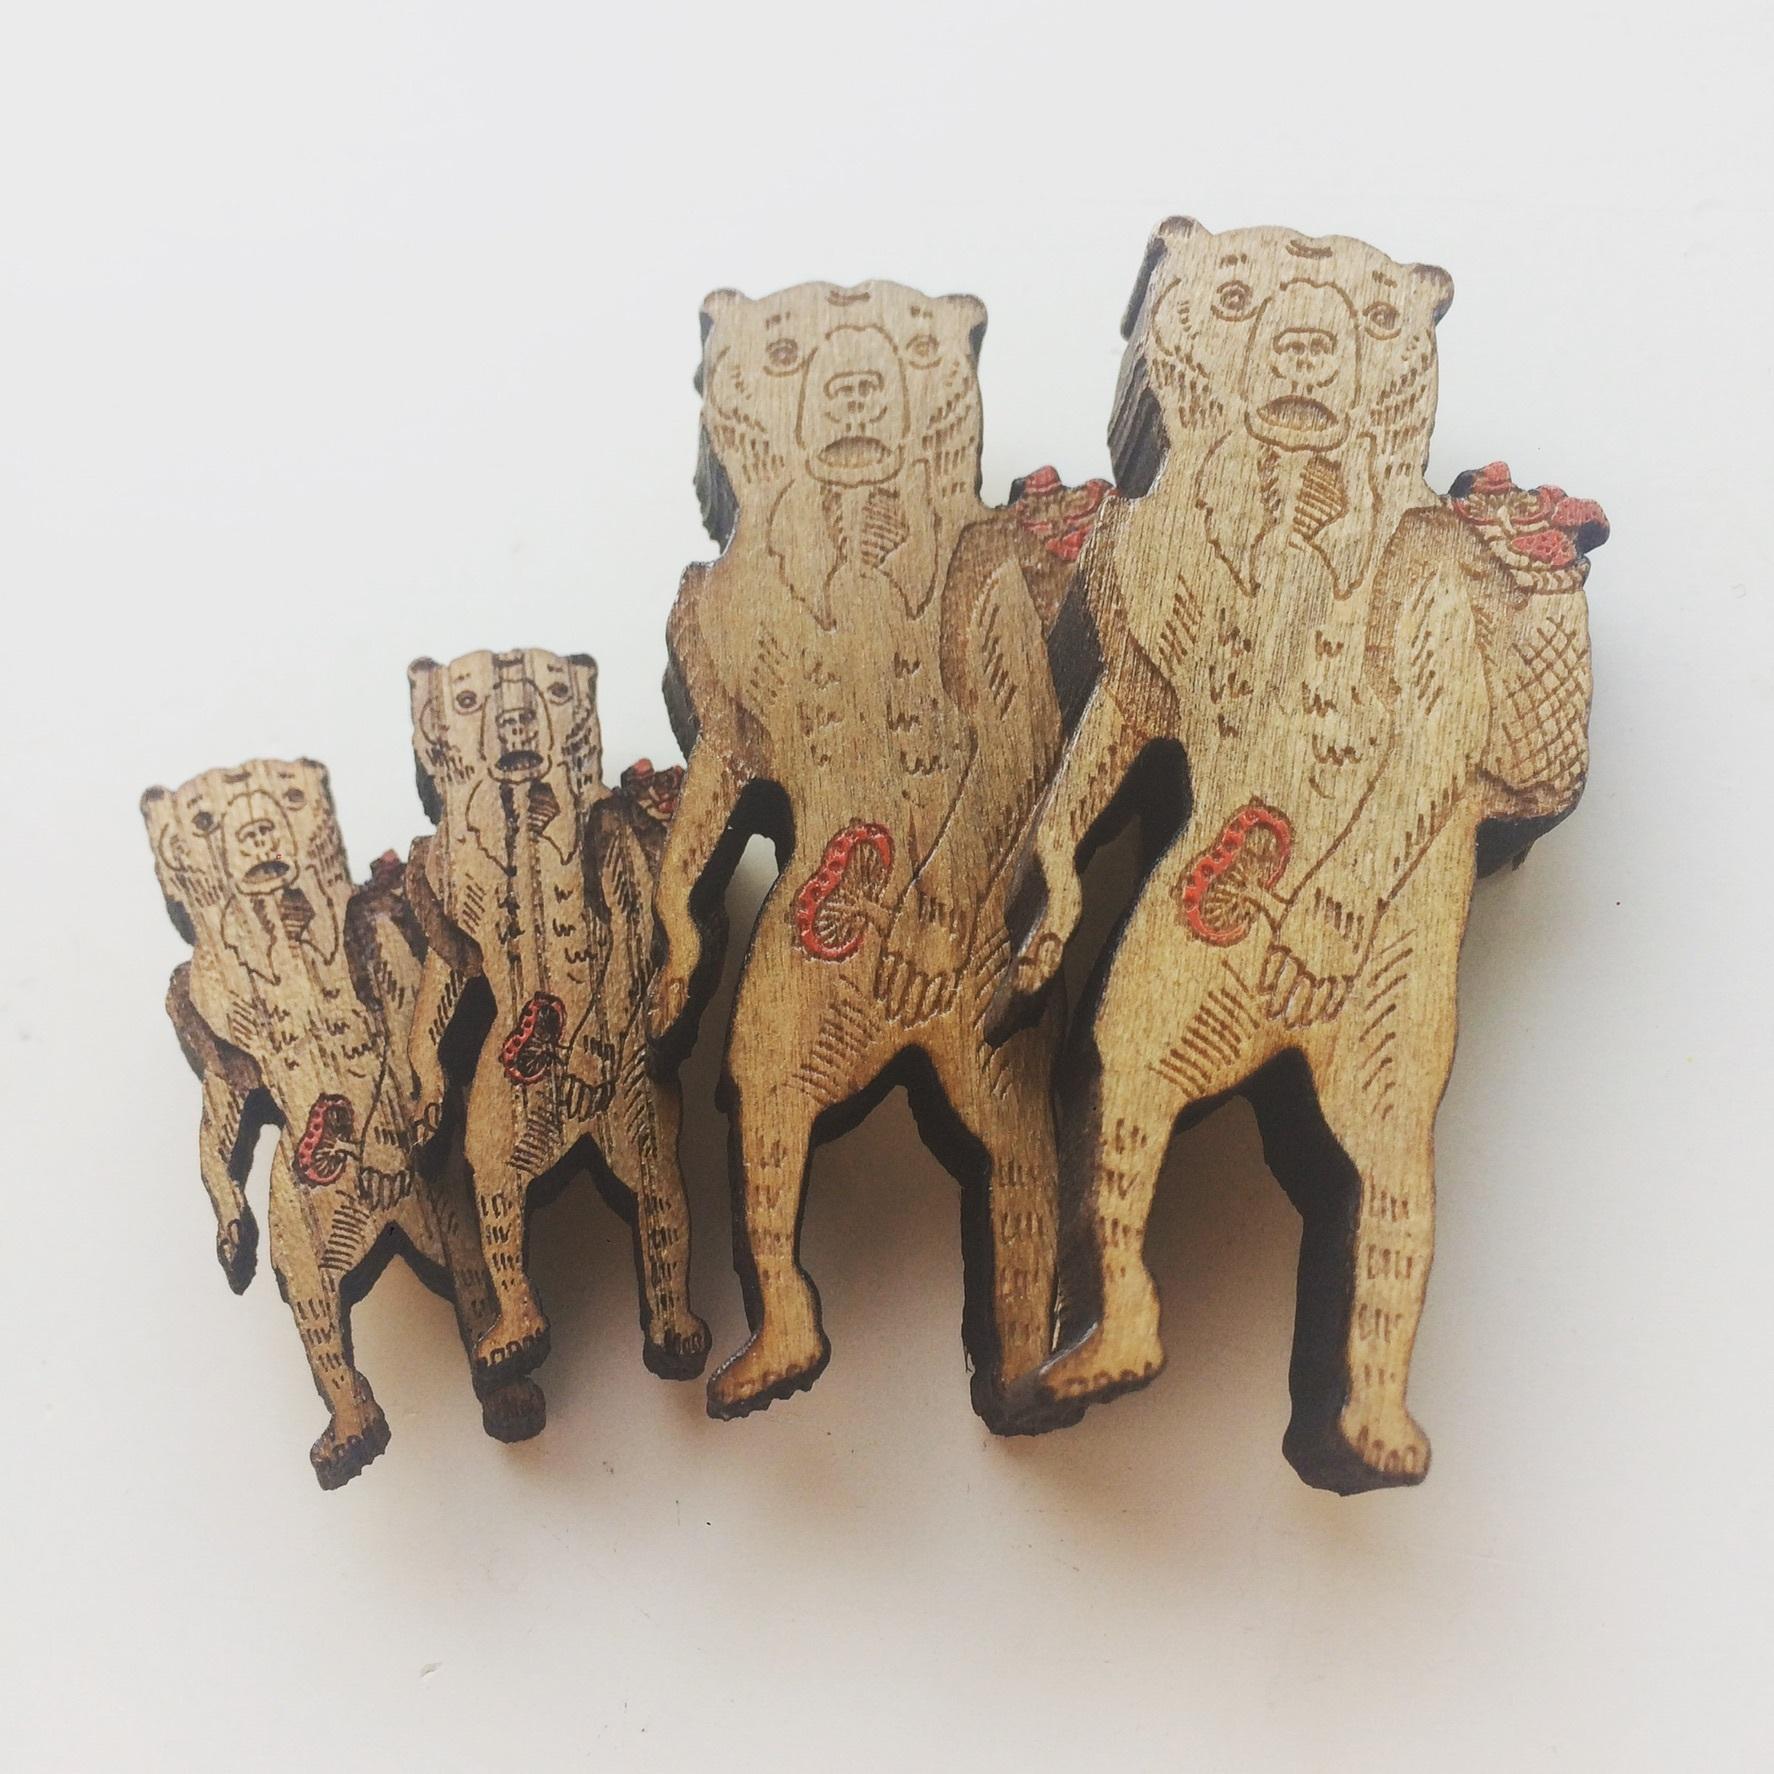 【木製ブローチ】キノコ狩りをするマレーグマ(大)